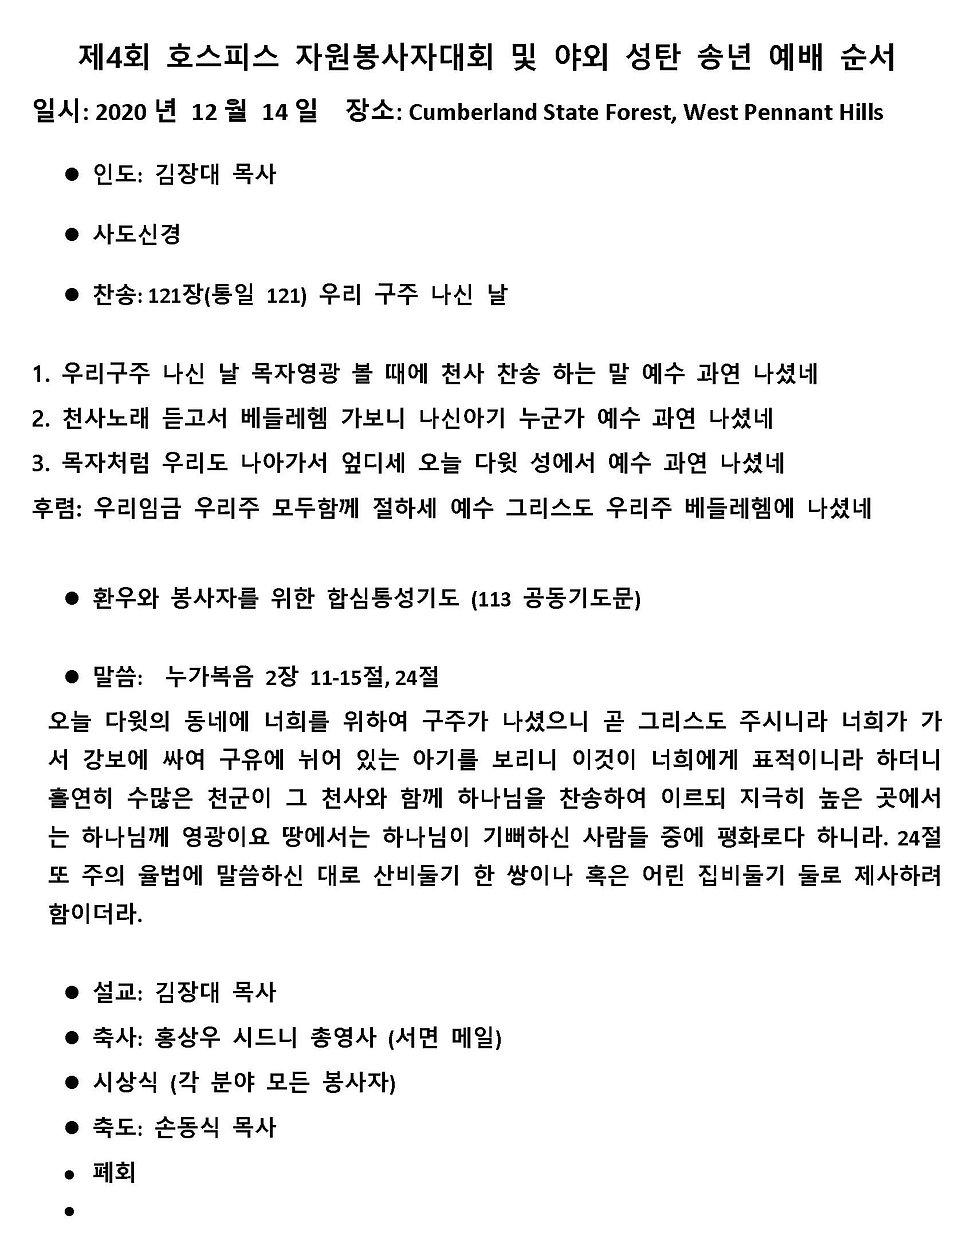 제4회 자원봉사자대회 송년 야외 순서 (20201214)_Page_1.j